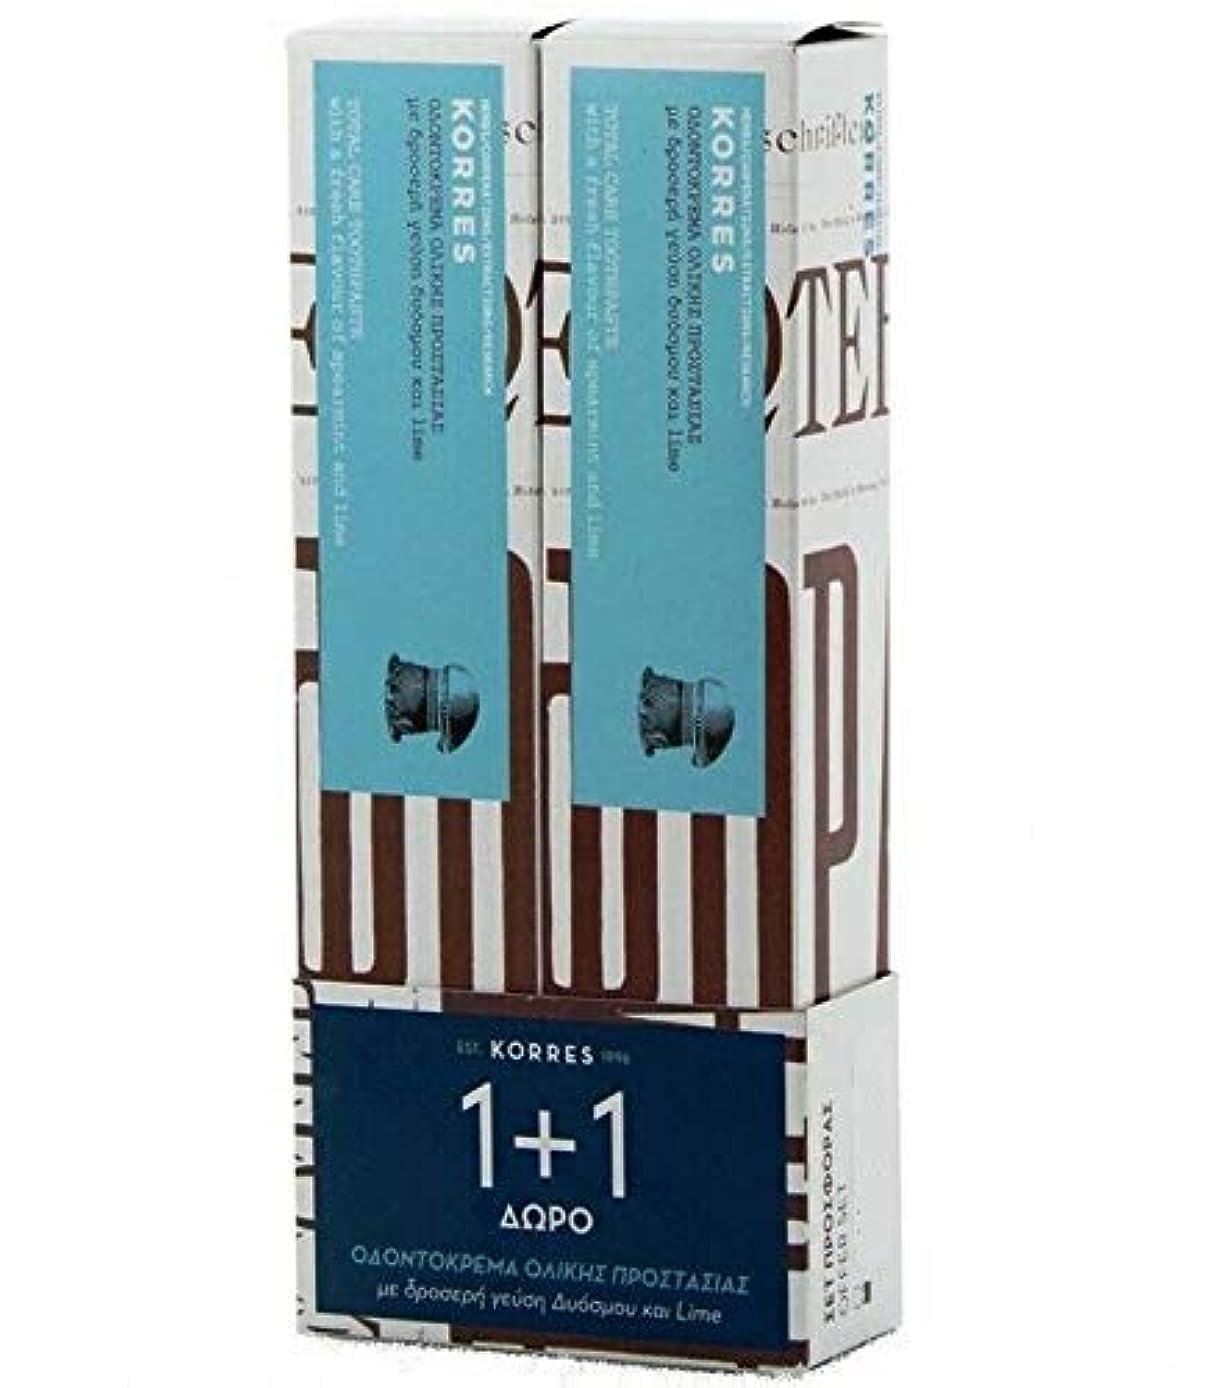 ハンカチフォーク文法Korres トータルケア歯磨き粉 フレッシュフレーバーオブスペアミント&ライム 1+1 提供